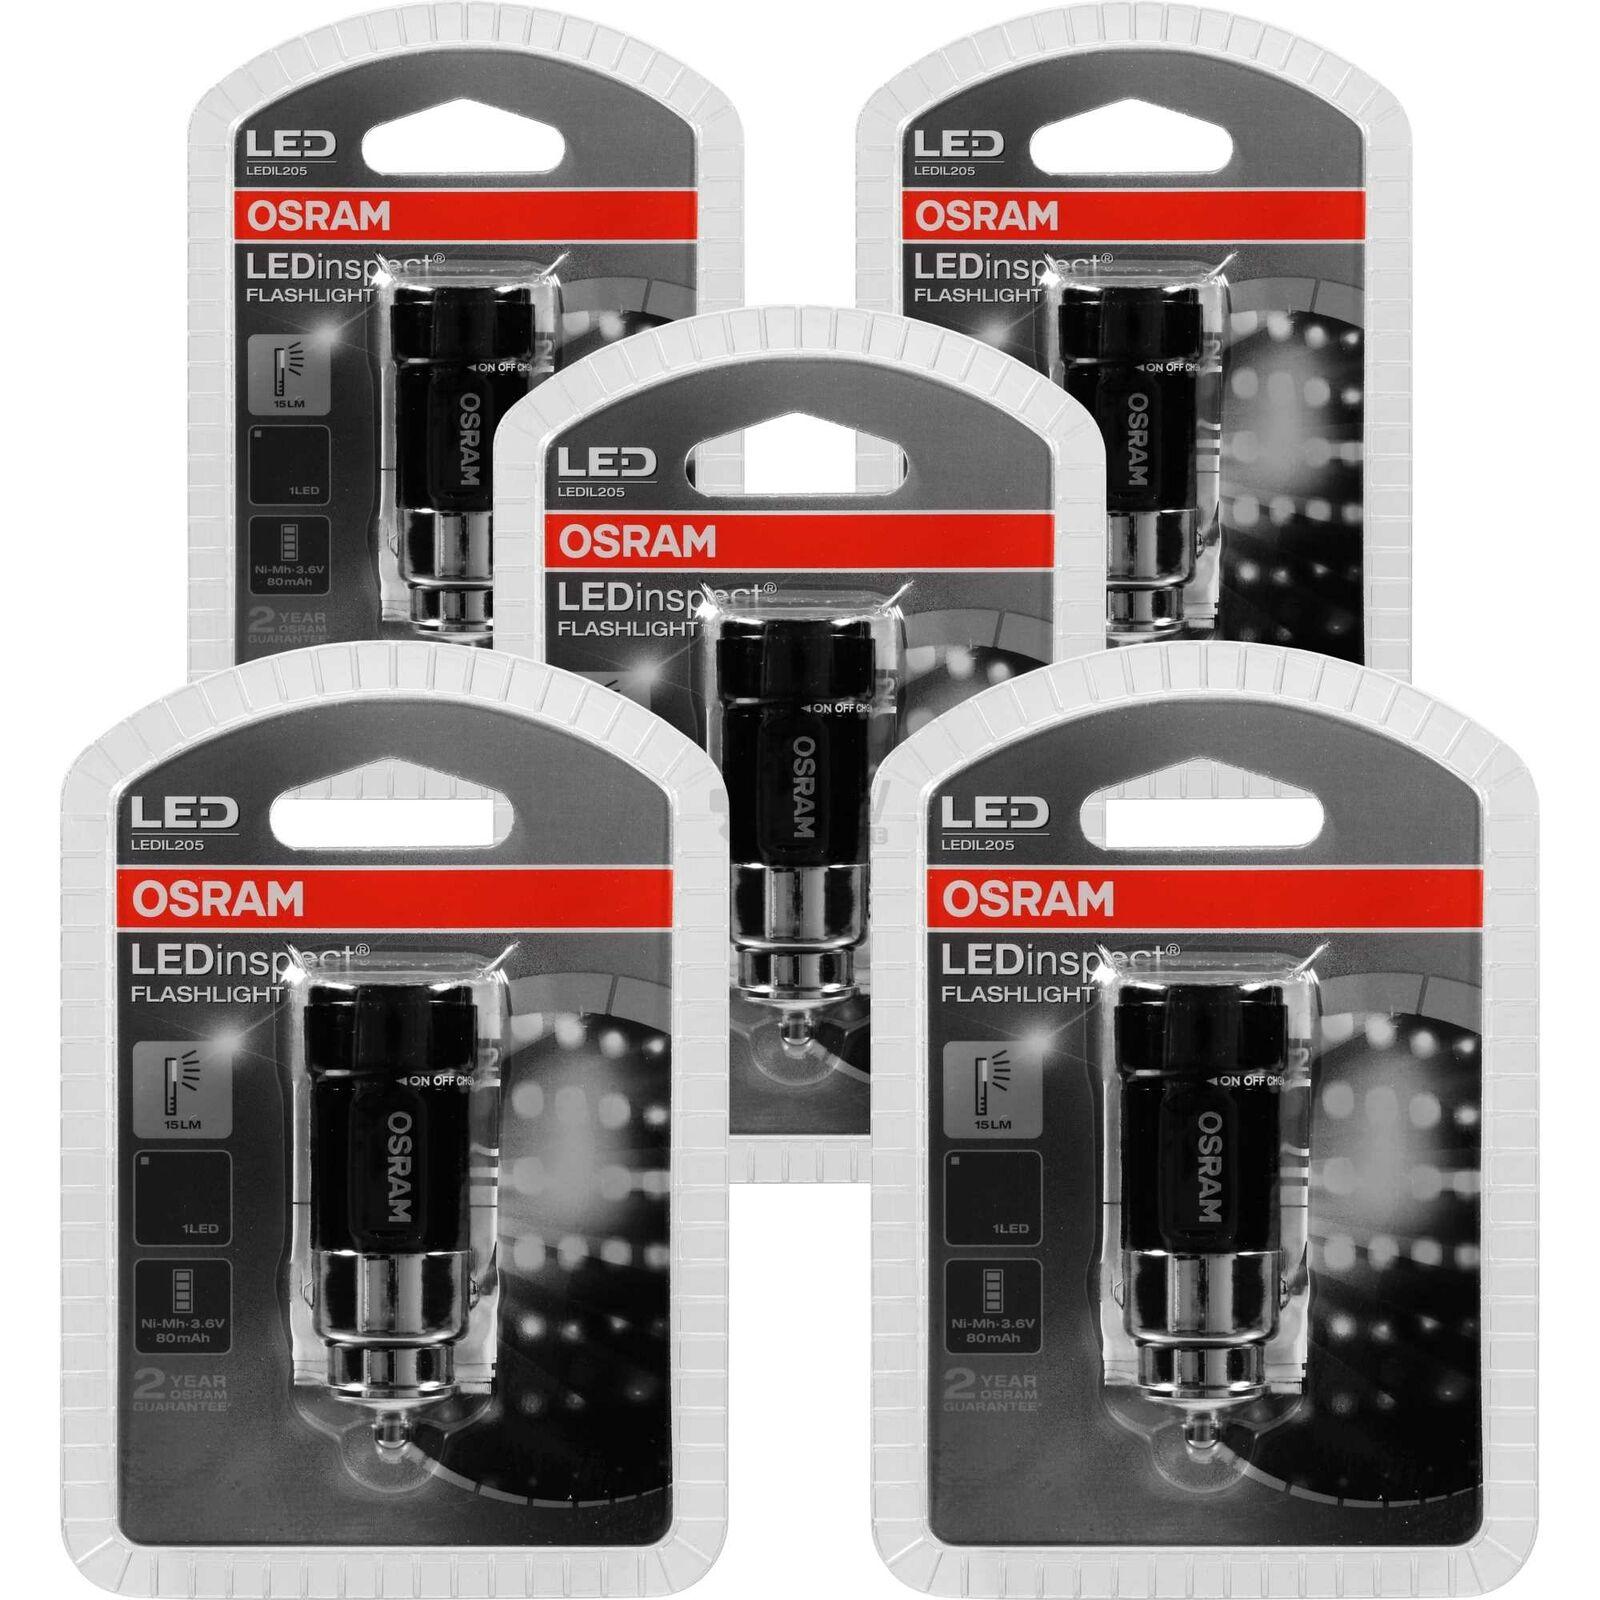 5x Osram DEL Batterie Travail Lampe LEDinspect Flashlight 15 pour allume-cigare